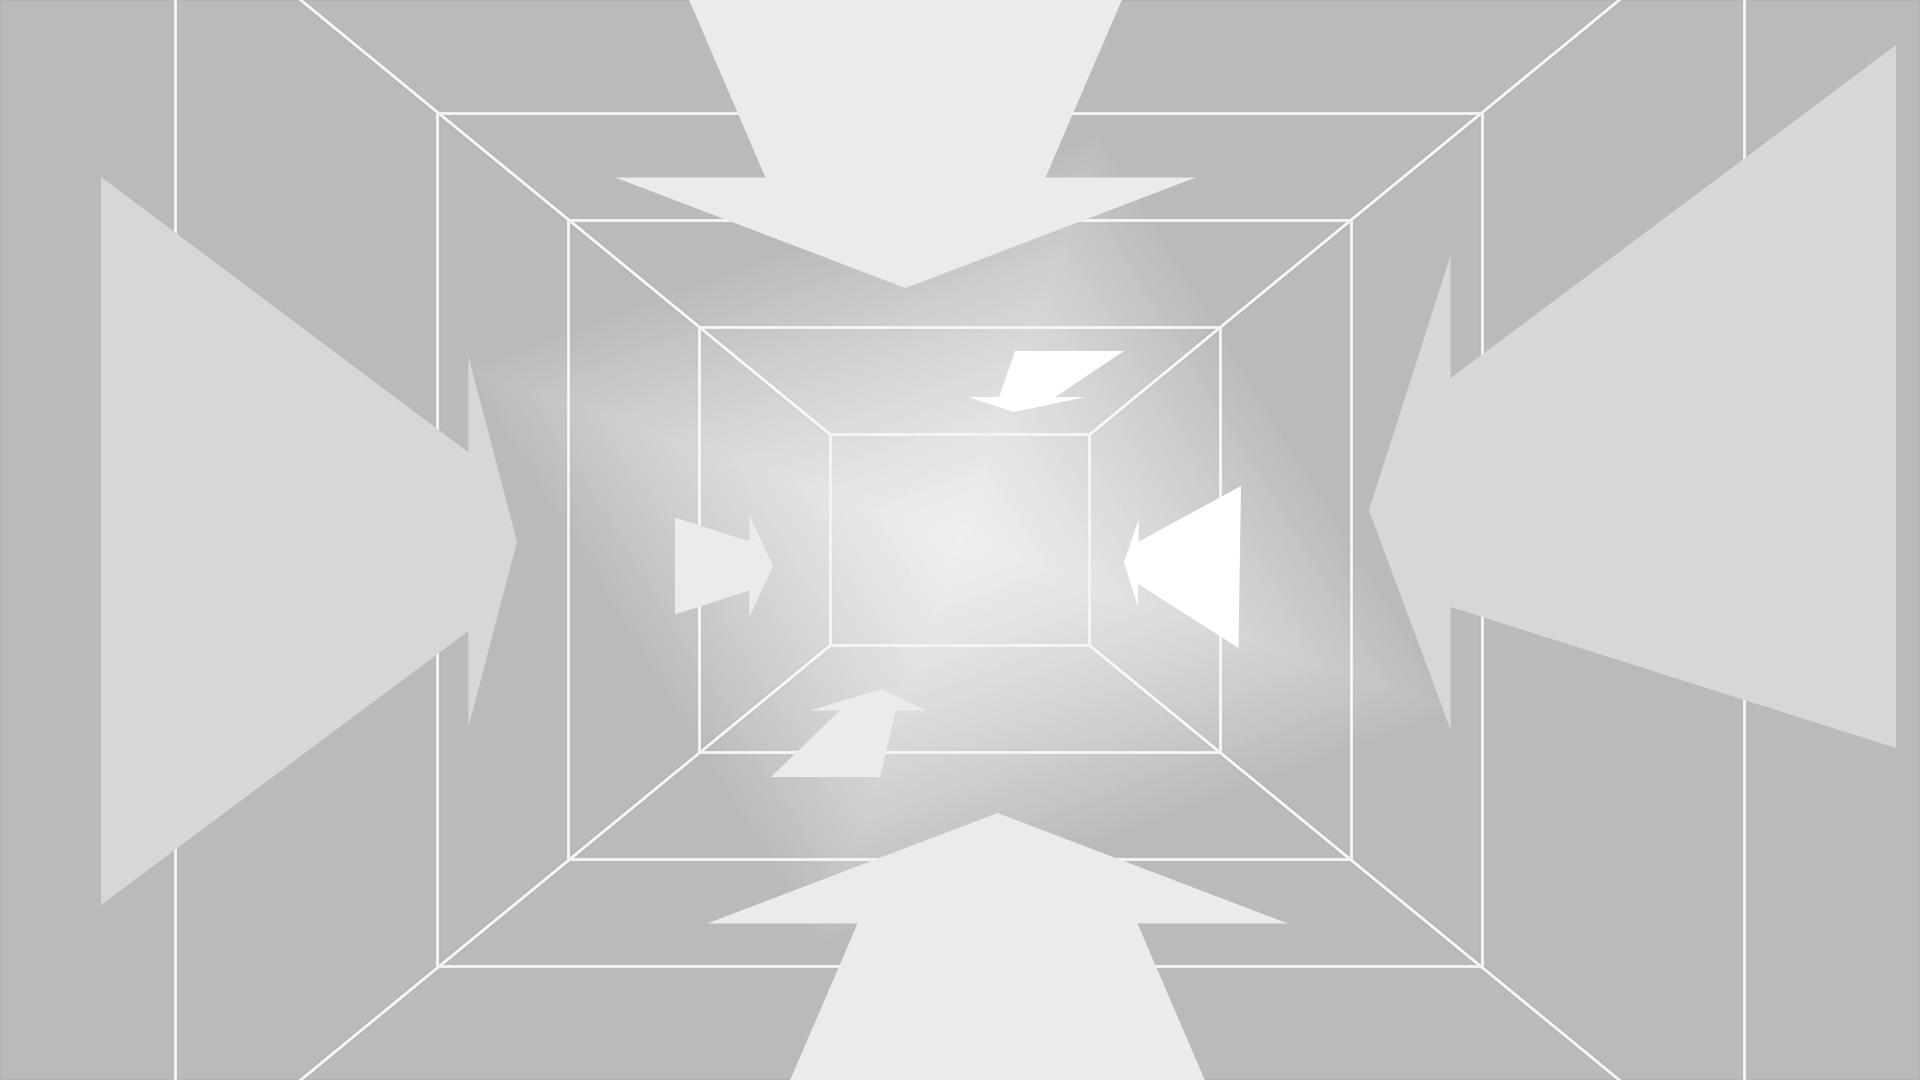 声音-NFT-路线图-1